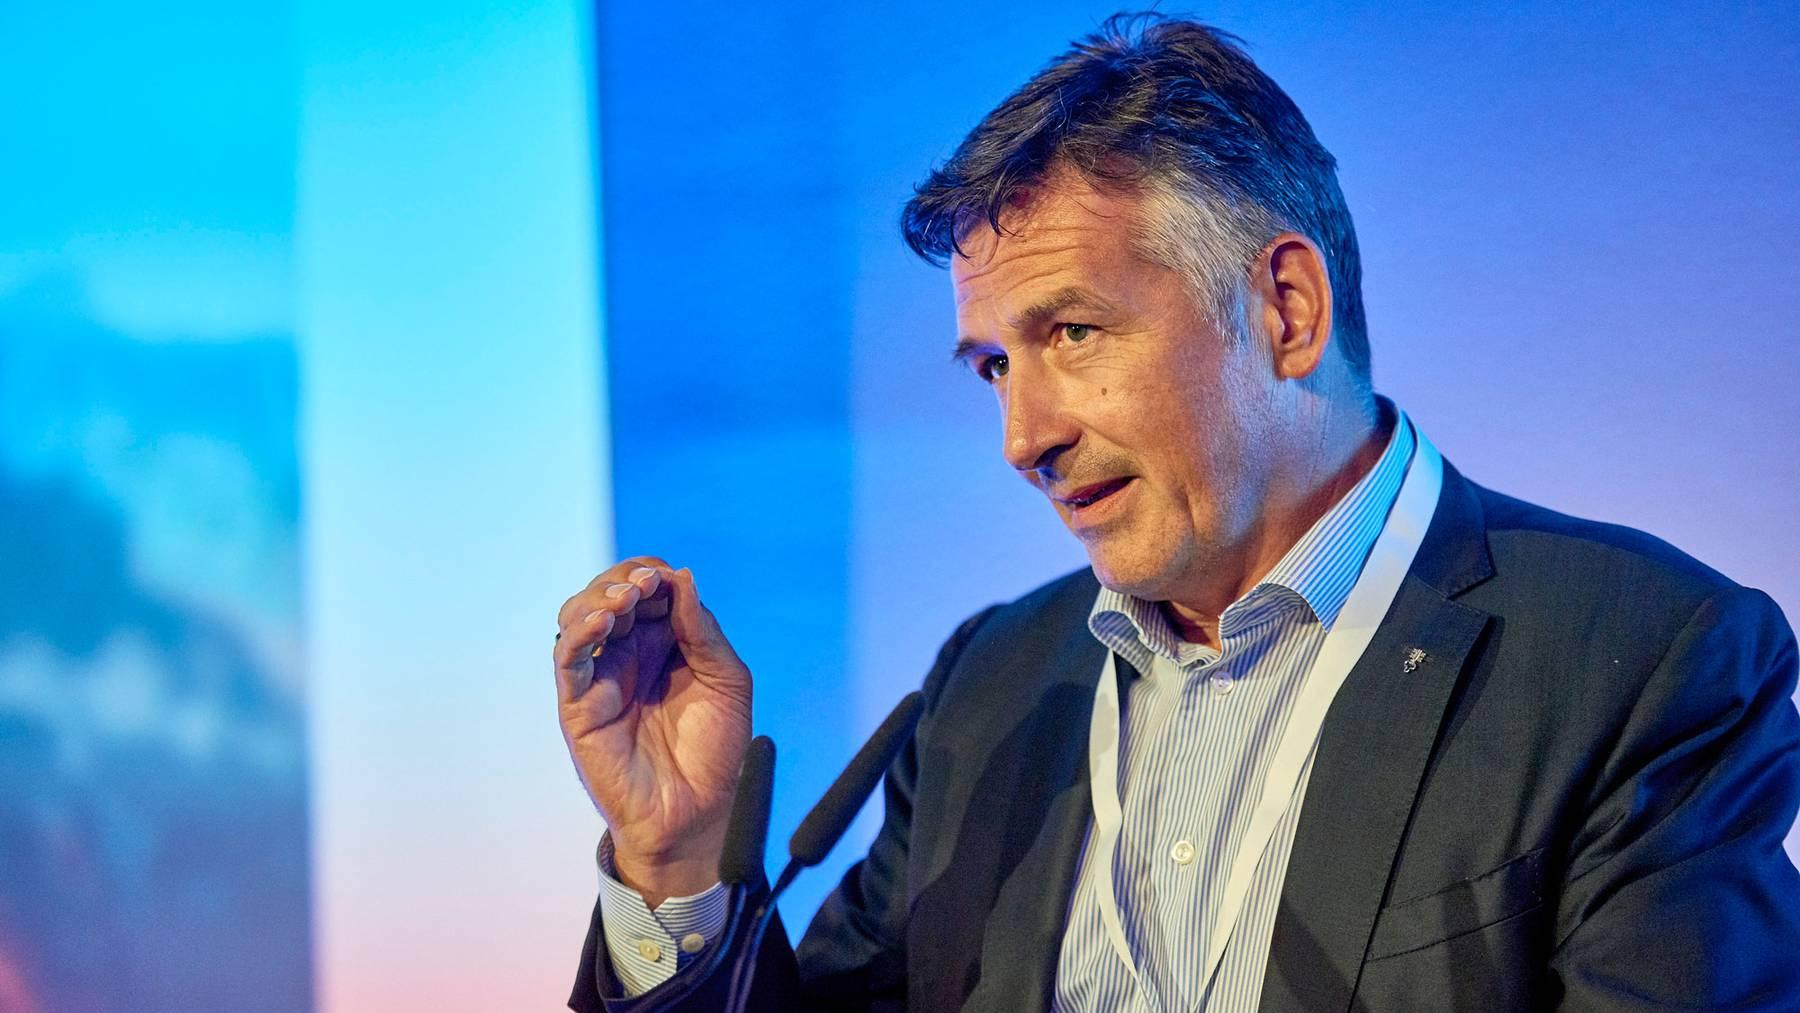 Hans Wicki offiziell Bundesrats-Kandidat